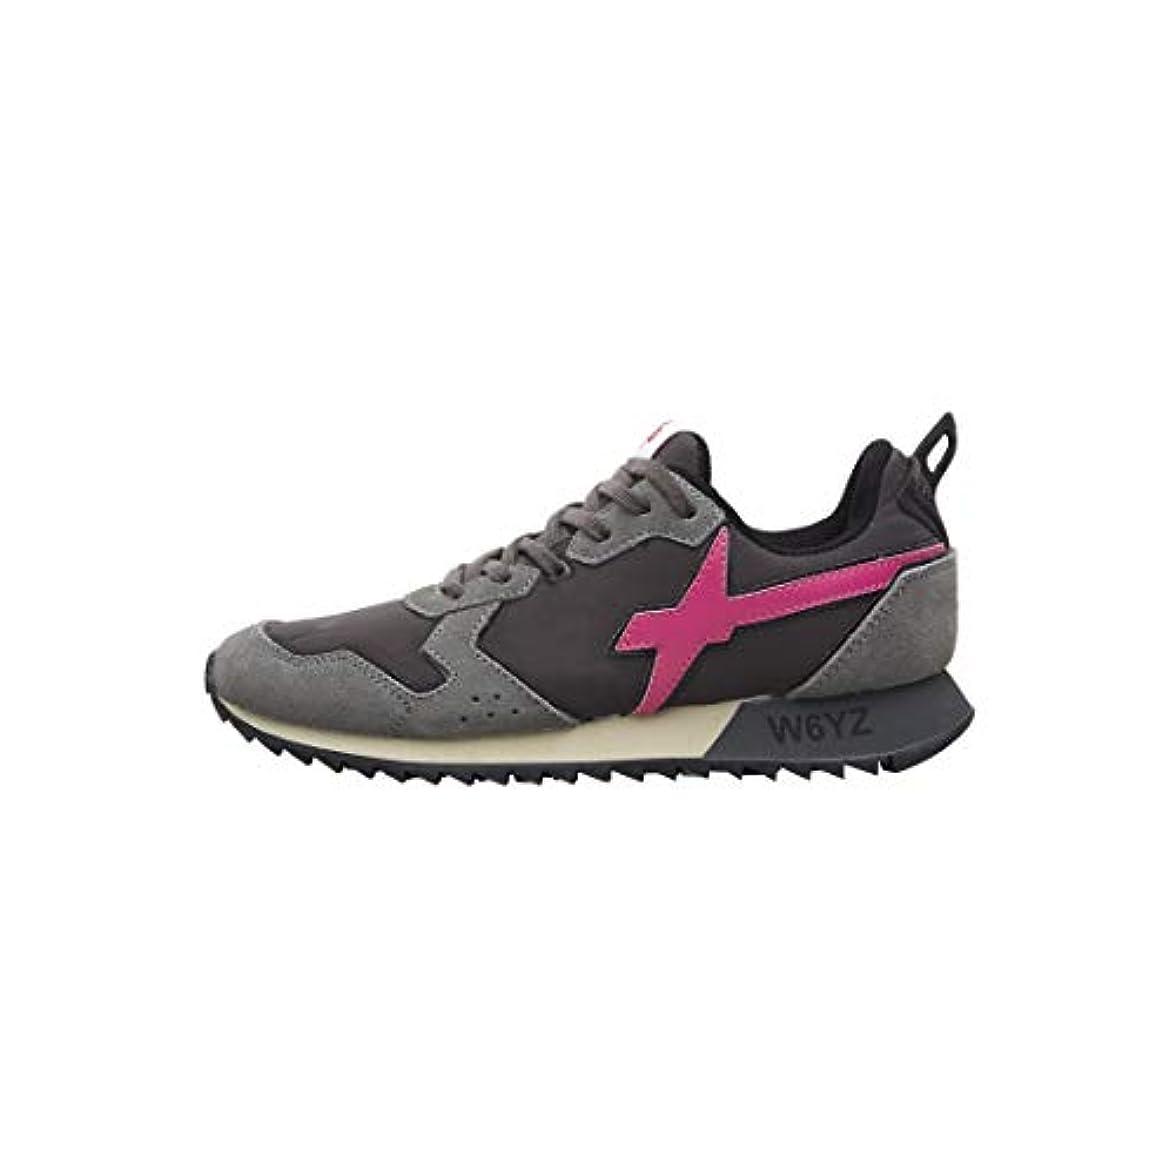 W6yz Jet-w -sneakers In Pelle E Nylon